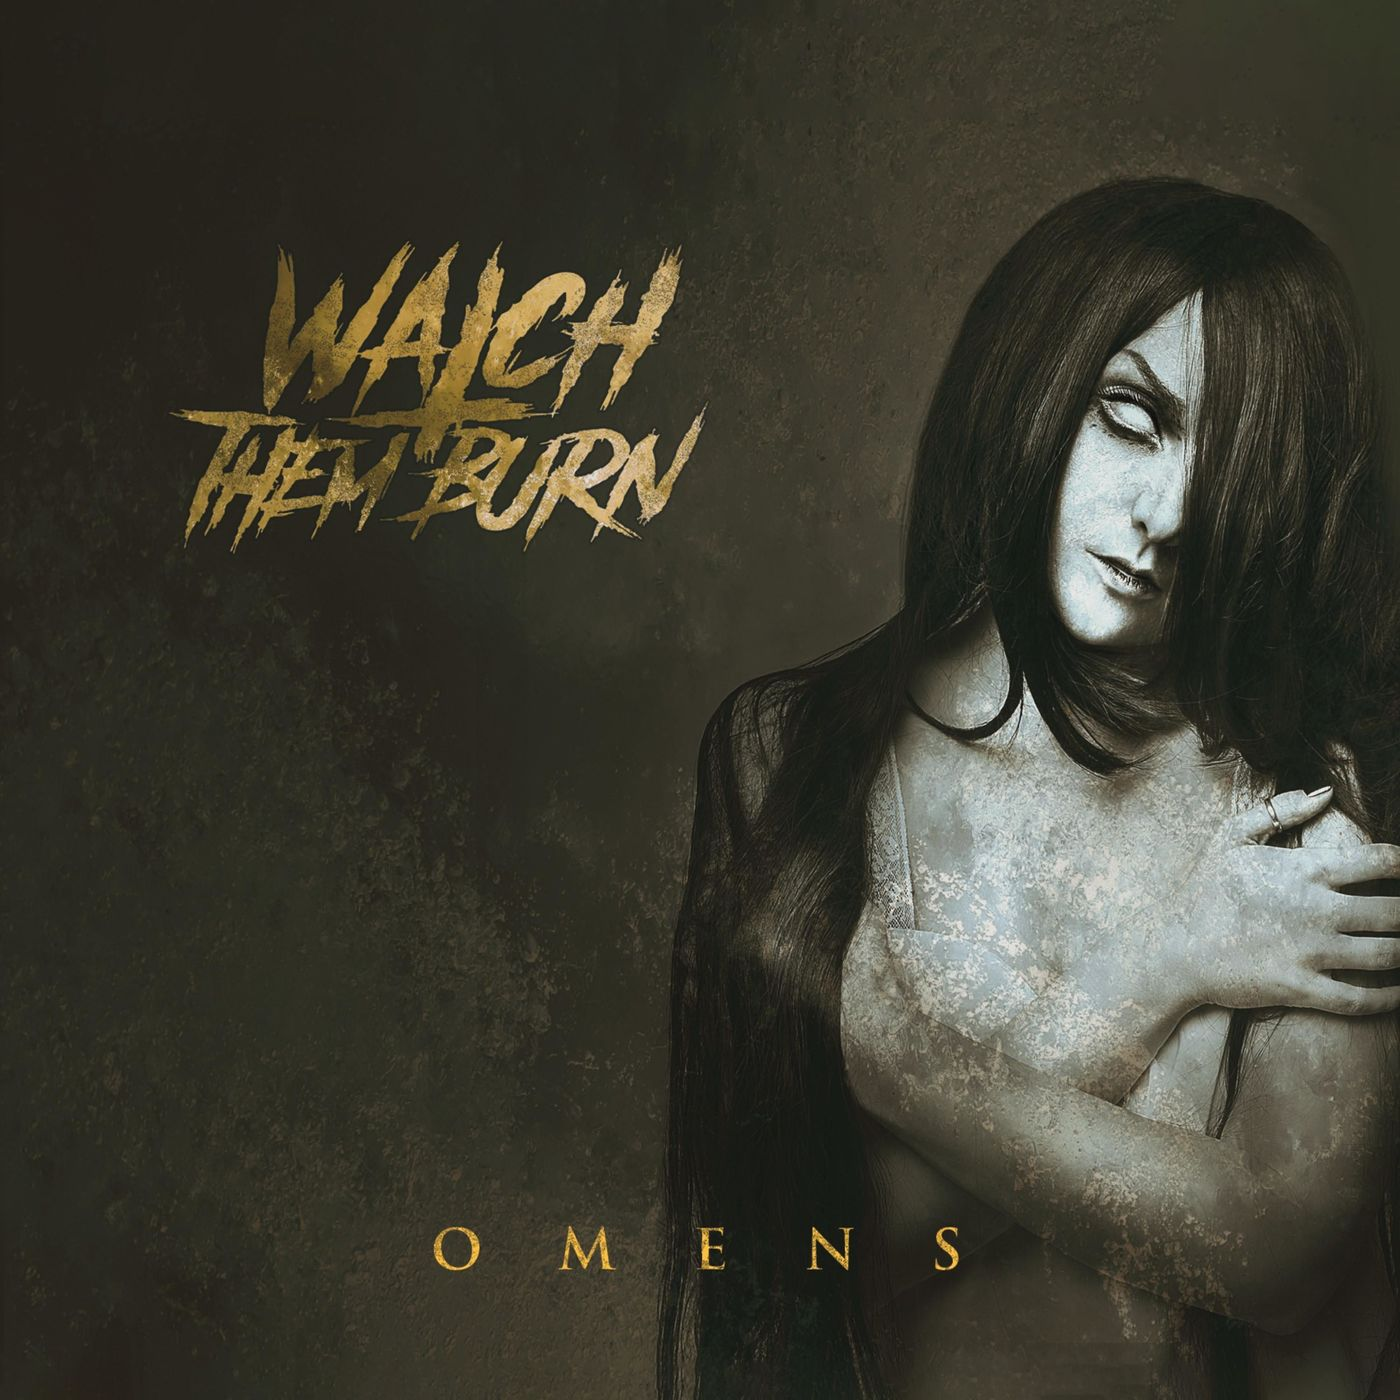 Watch Them Burn – Omens (2019)